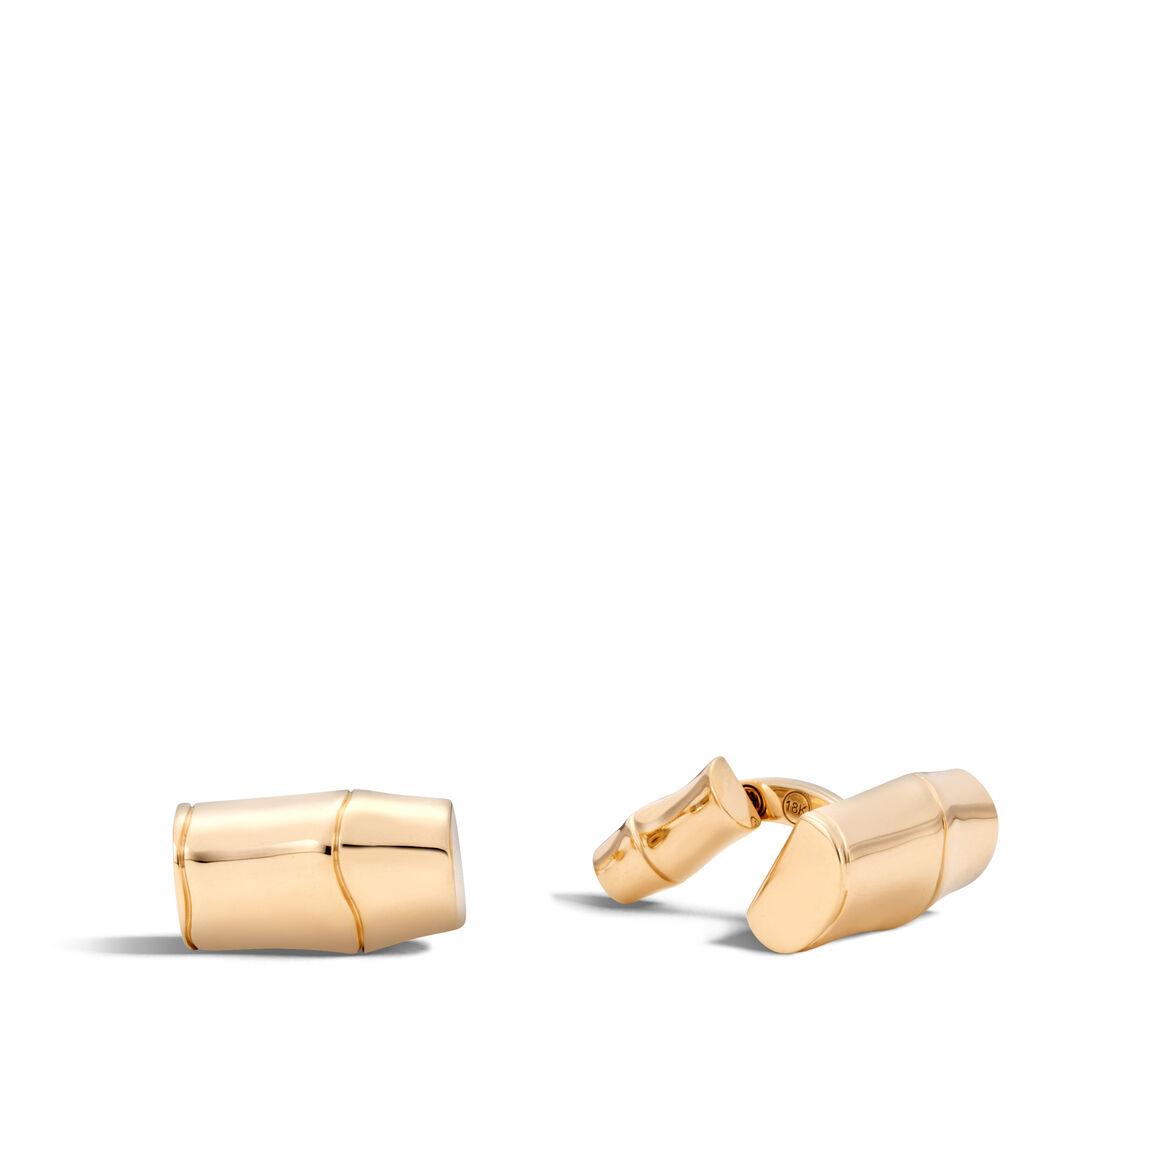 Bamboo Cufflinks in 18K Gold